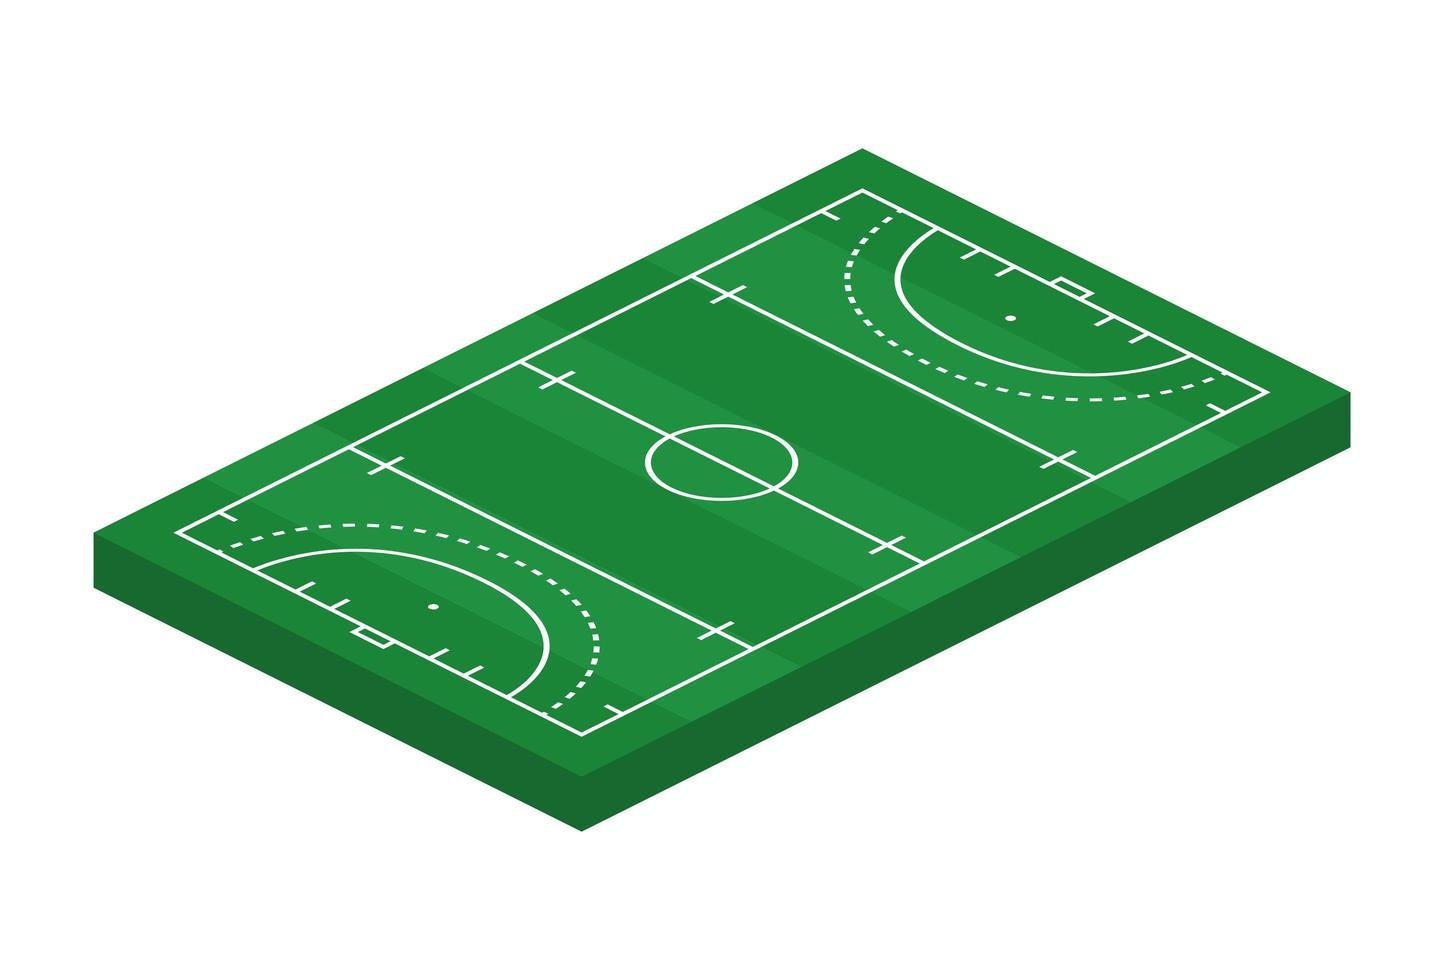 Campo de hóquei 3D isométrico de grama. ilustração em vetor tema esporte, campo de esportes de hóquei, estádio. elemento de design editável isolado para infográficos, banner